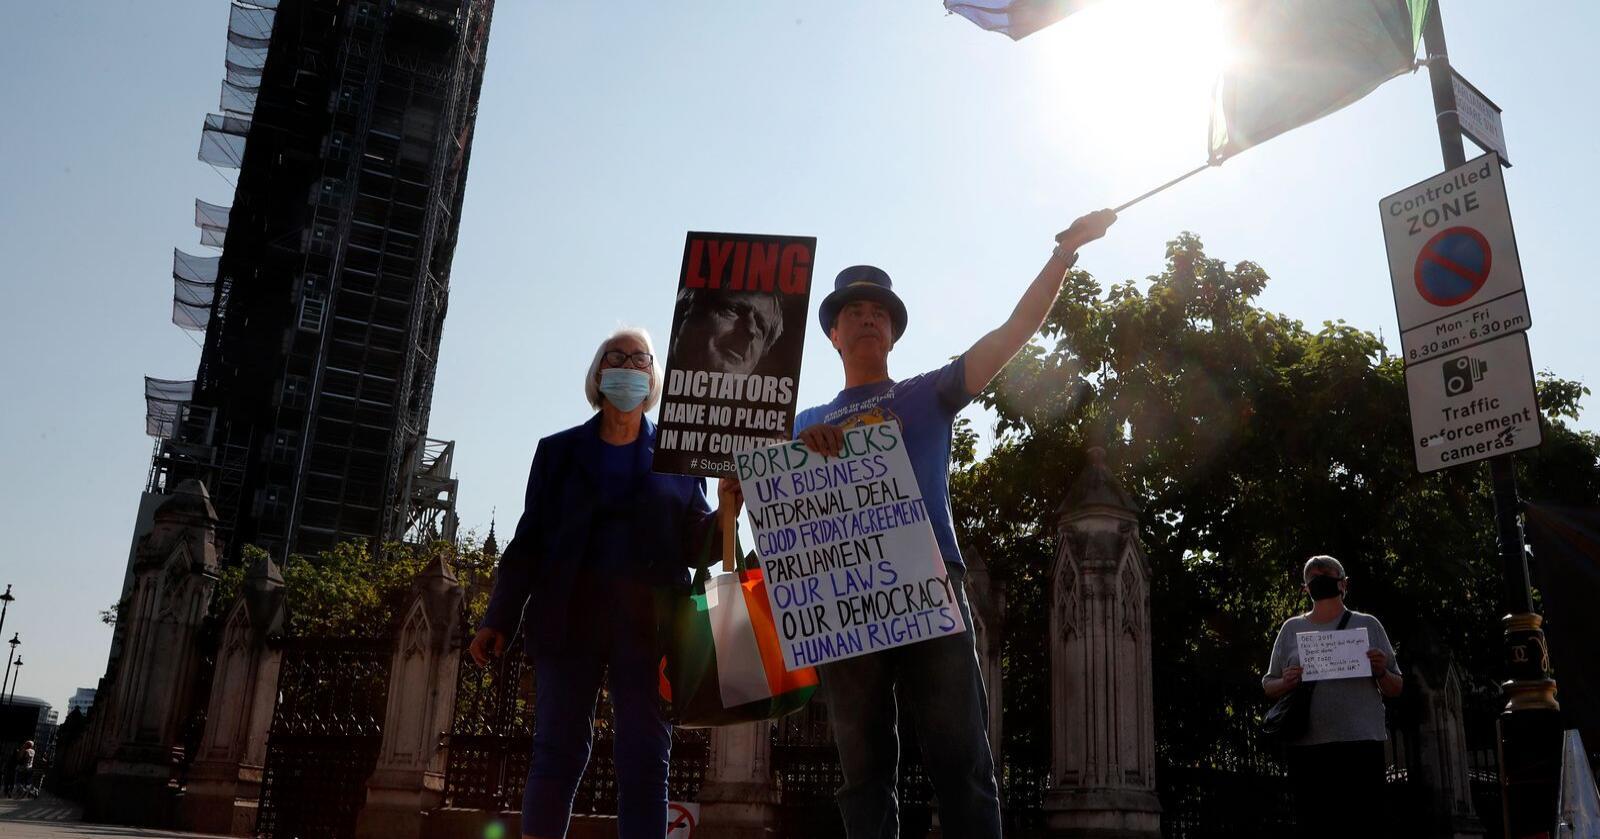 EU-vennlige demonstranter stilte seg opp nær Parlamentet i London mandag i protest mot regjeringens lovforslag som inneholder punkter i strid med utmeldingsavtalen. Foto: Frank Augstein / AP / NTB scanpix